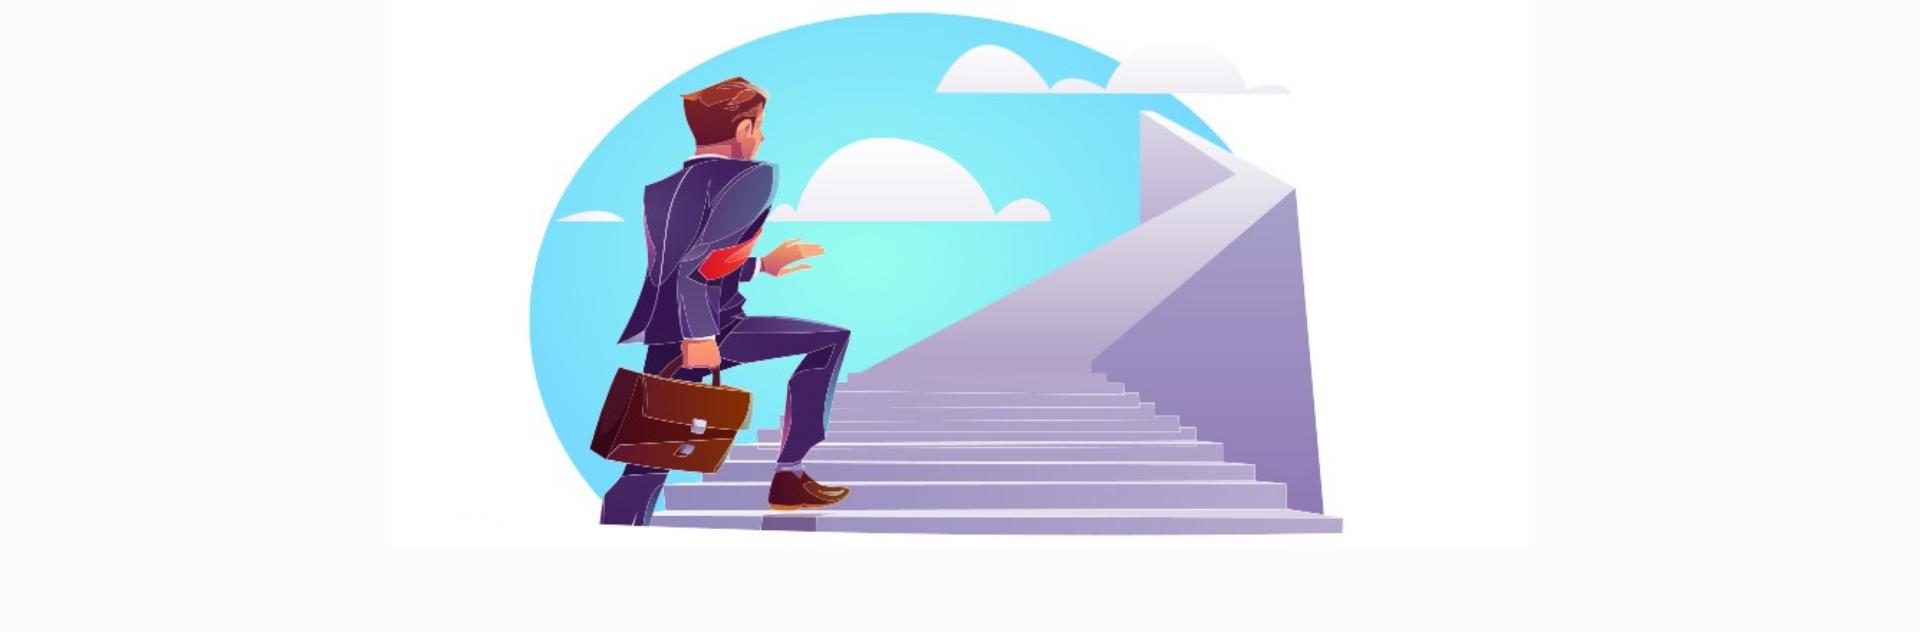 Artigo: O dilema das startups – escada progressiva ou salto com vara